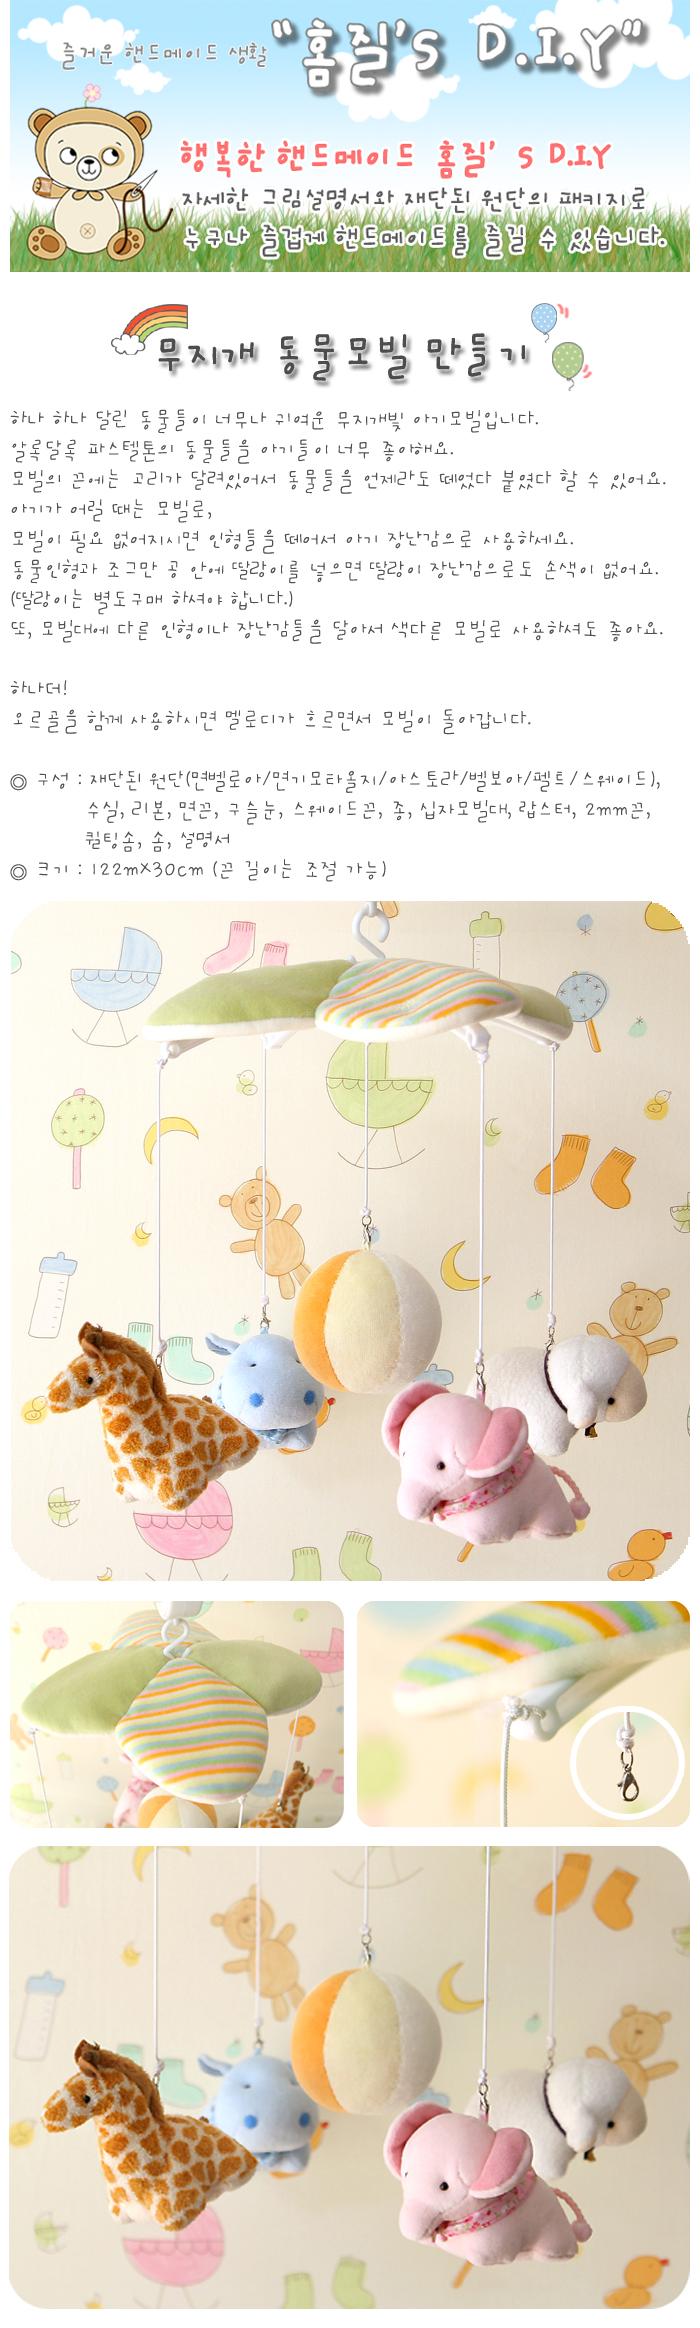 무지개 동물모빌 만들기 - 홈질, 40,000원, DIY아기용품, DIY아기용품